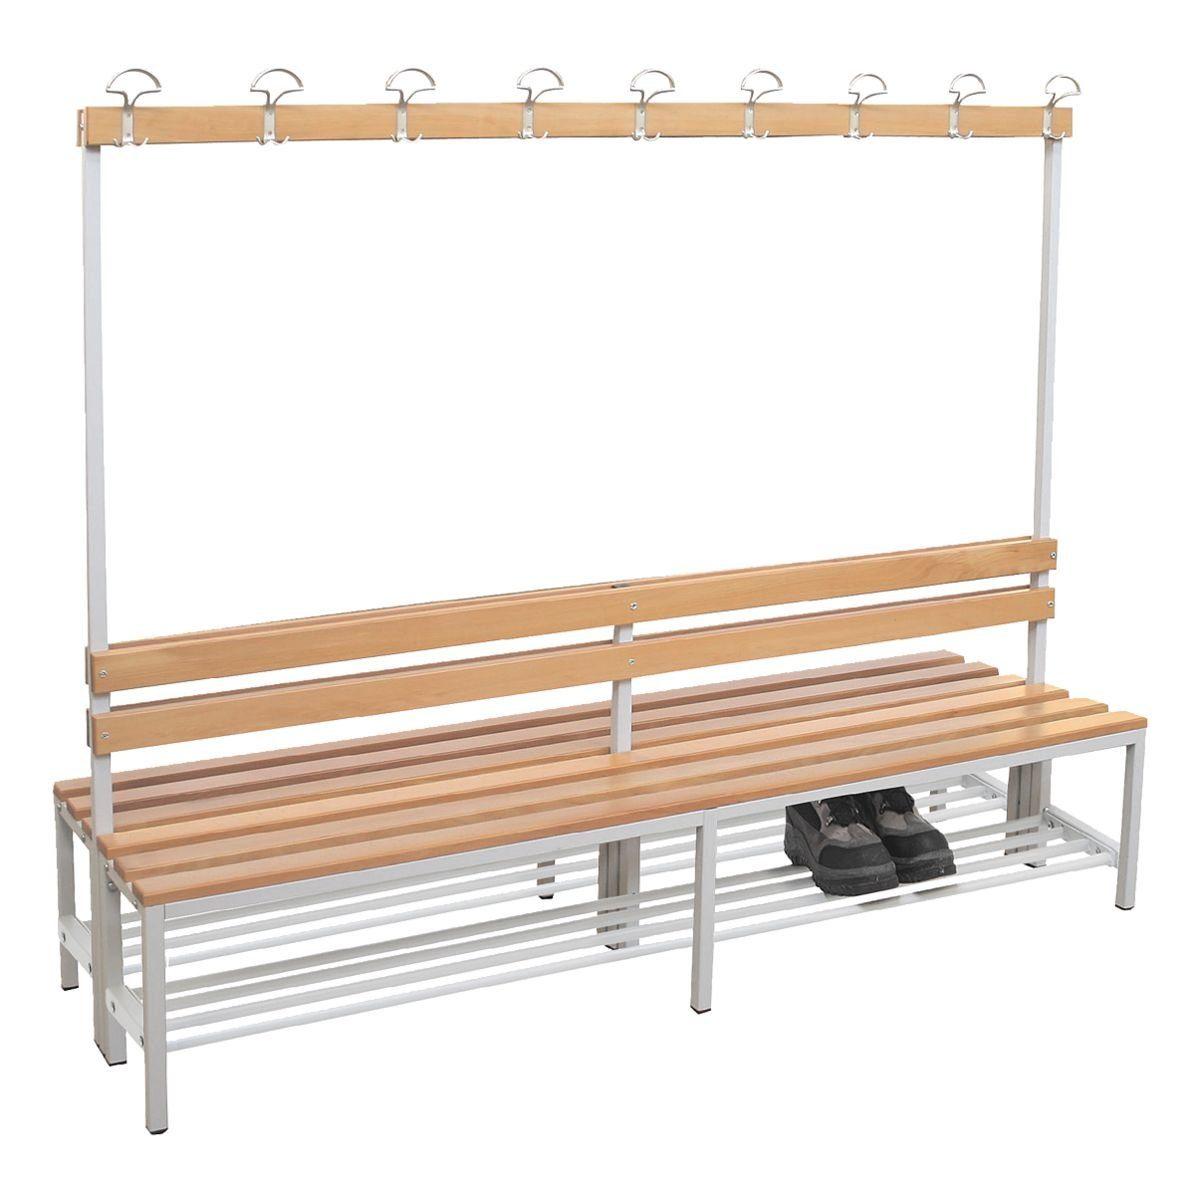 Doppel-Sitzbank mit Garderobe und Schuhrost